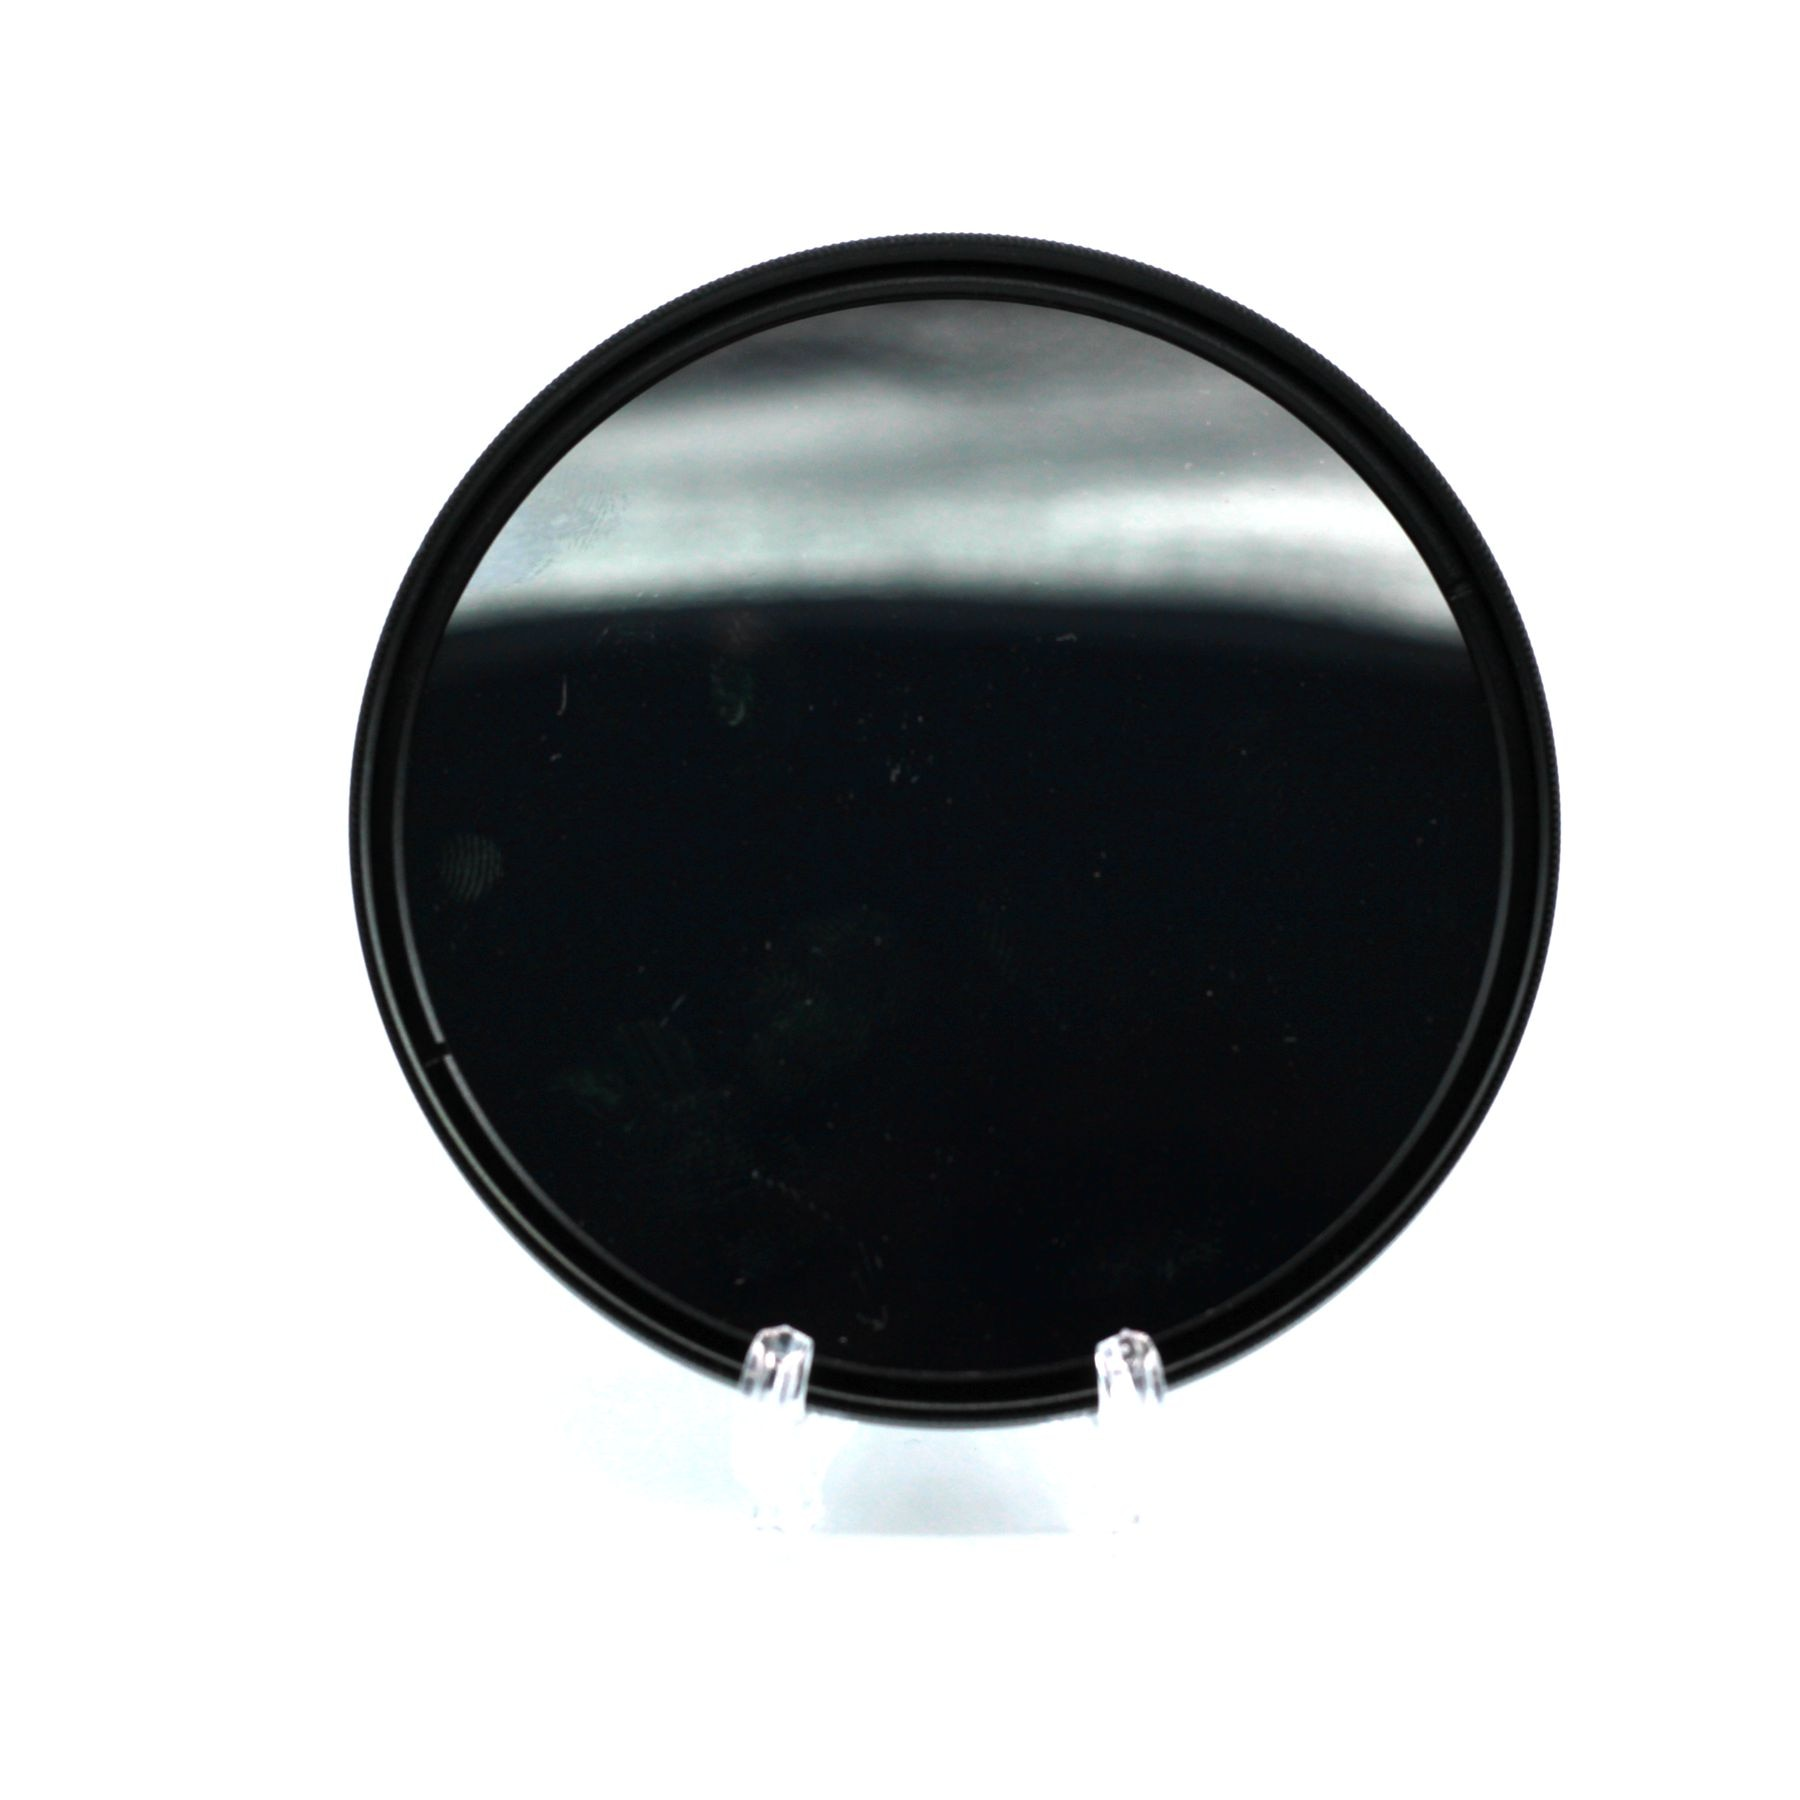 Cortou o Vidro do Filtro Estreito da Passagem da Faixa de 360nm da Parte com Quadro do Metal de 49mm e Tamanho Cada Filtro Metal de 49mm e Tamanho 41.5×29.8x1mm uv ir um do